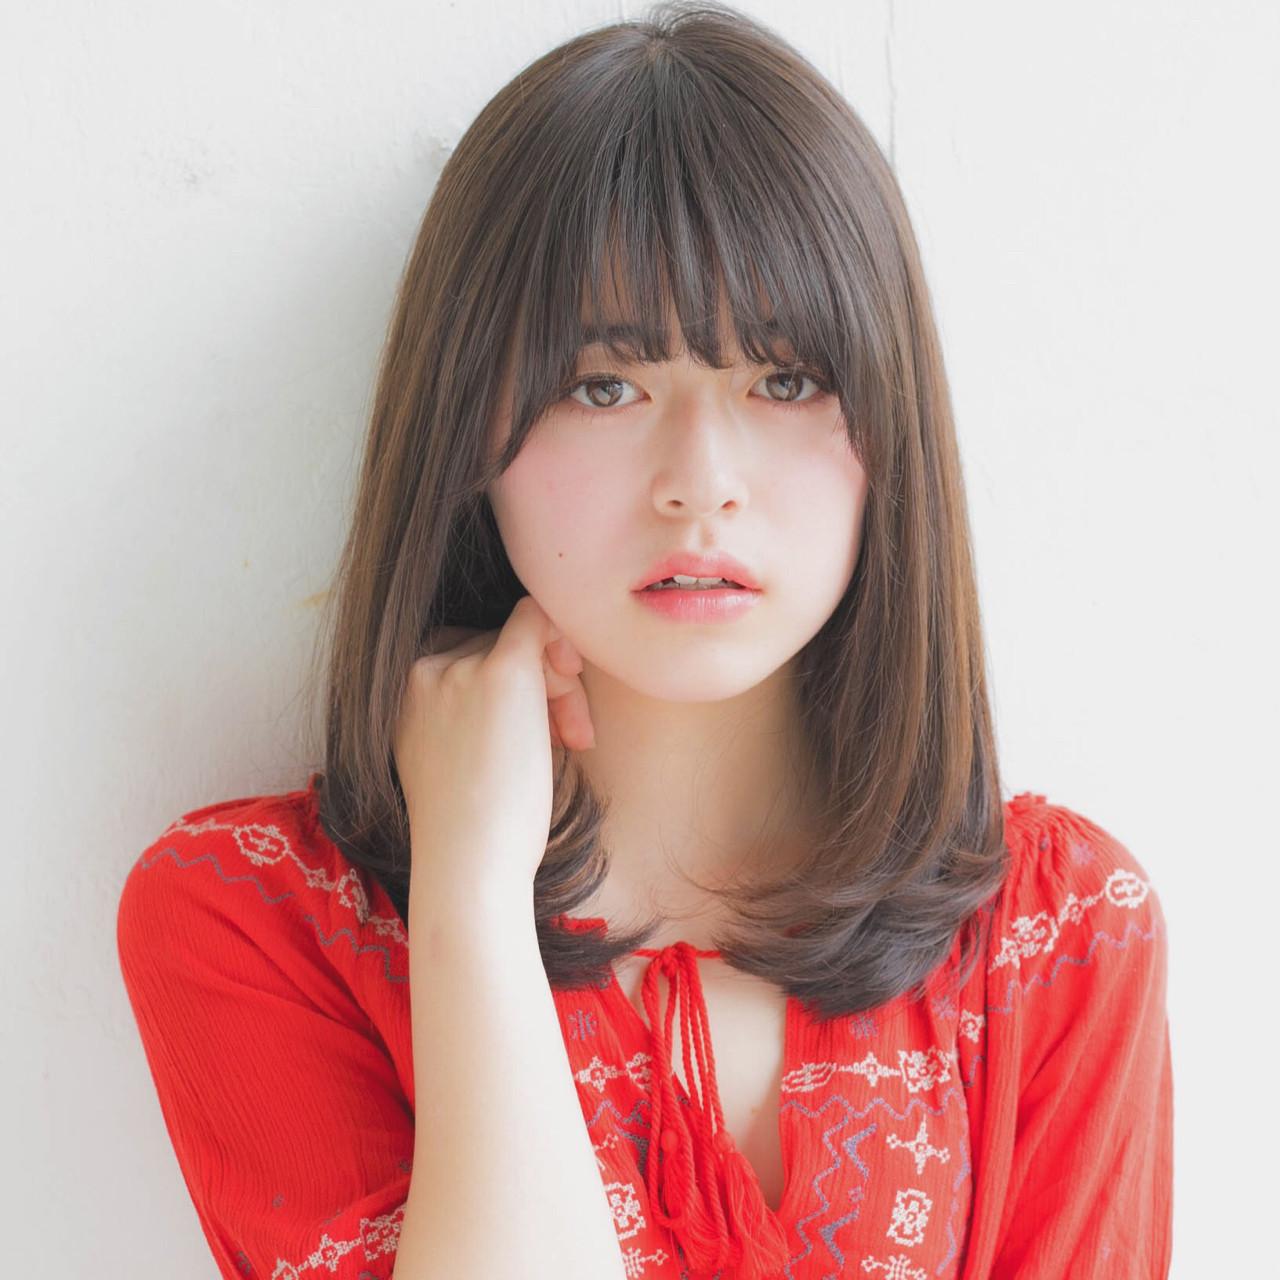 ミディアム 大人かわいい 前髪あり 簡単ヘアアレンジ ヘアスタイルや髪型の写真・画像